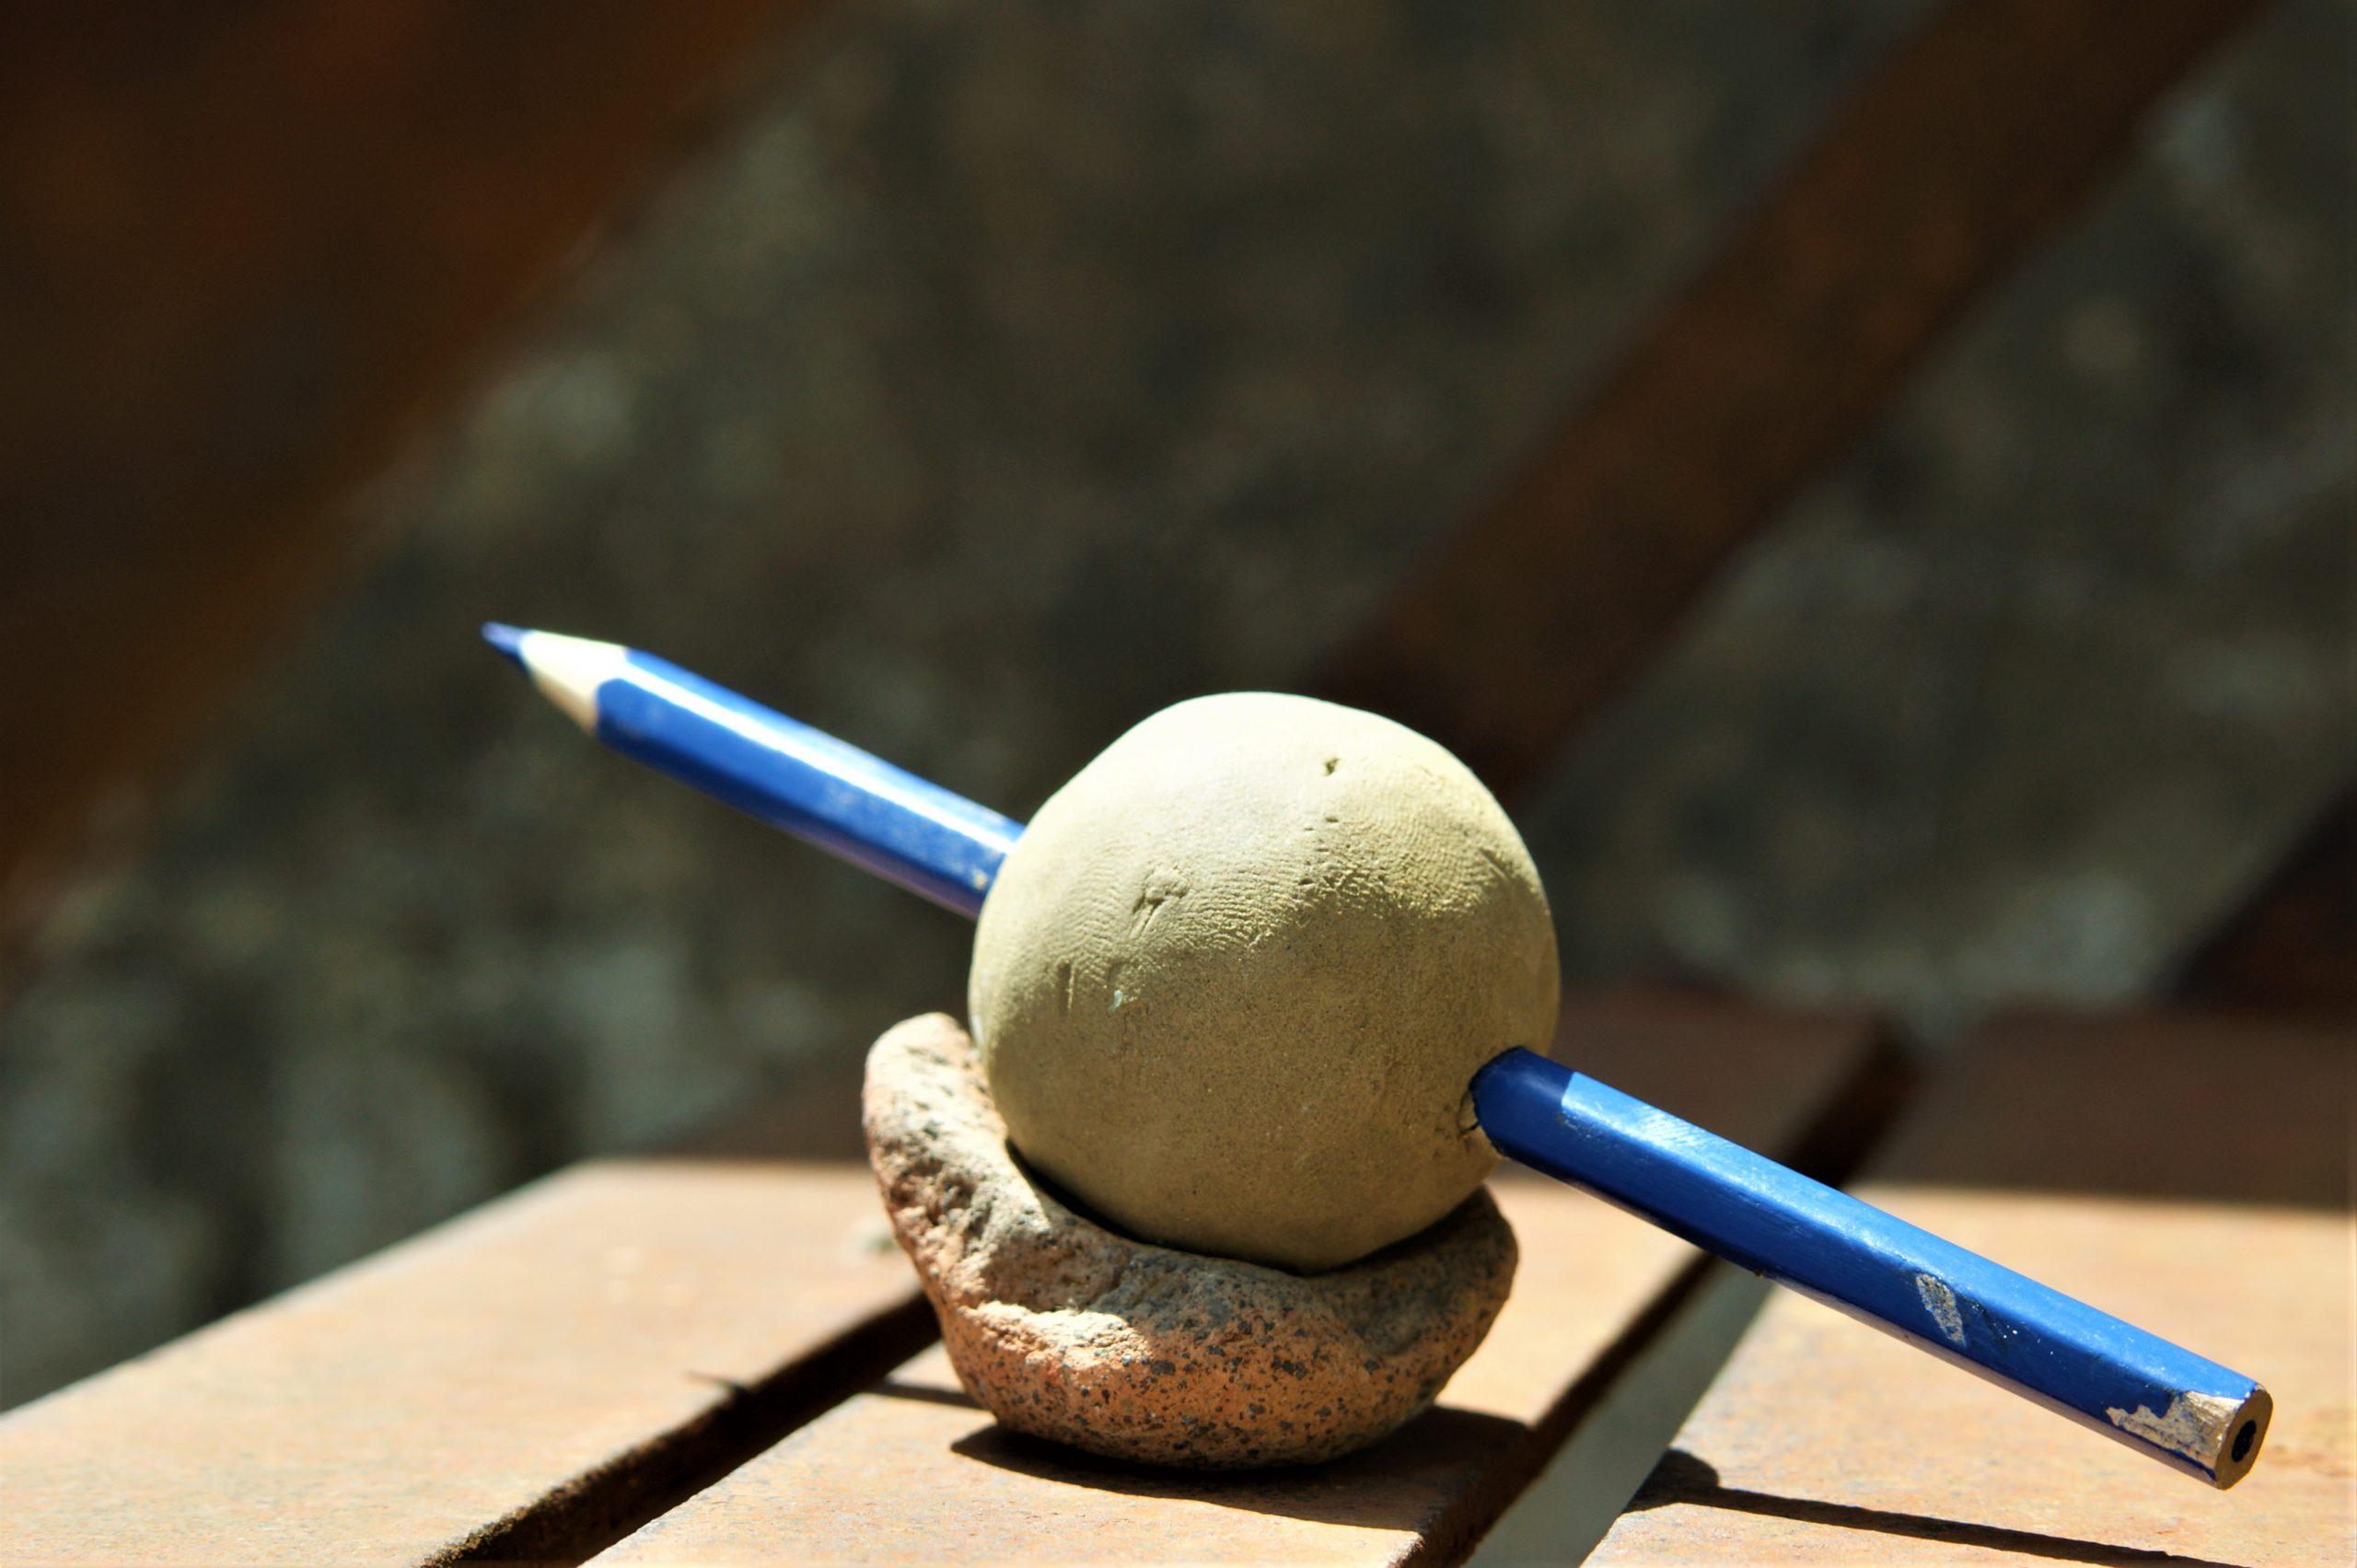 L'imperfezione è matrice di unicità. Preghiera modella (Pianetini di Pace). Non tutto deve servire a qualcosa.